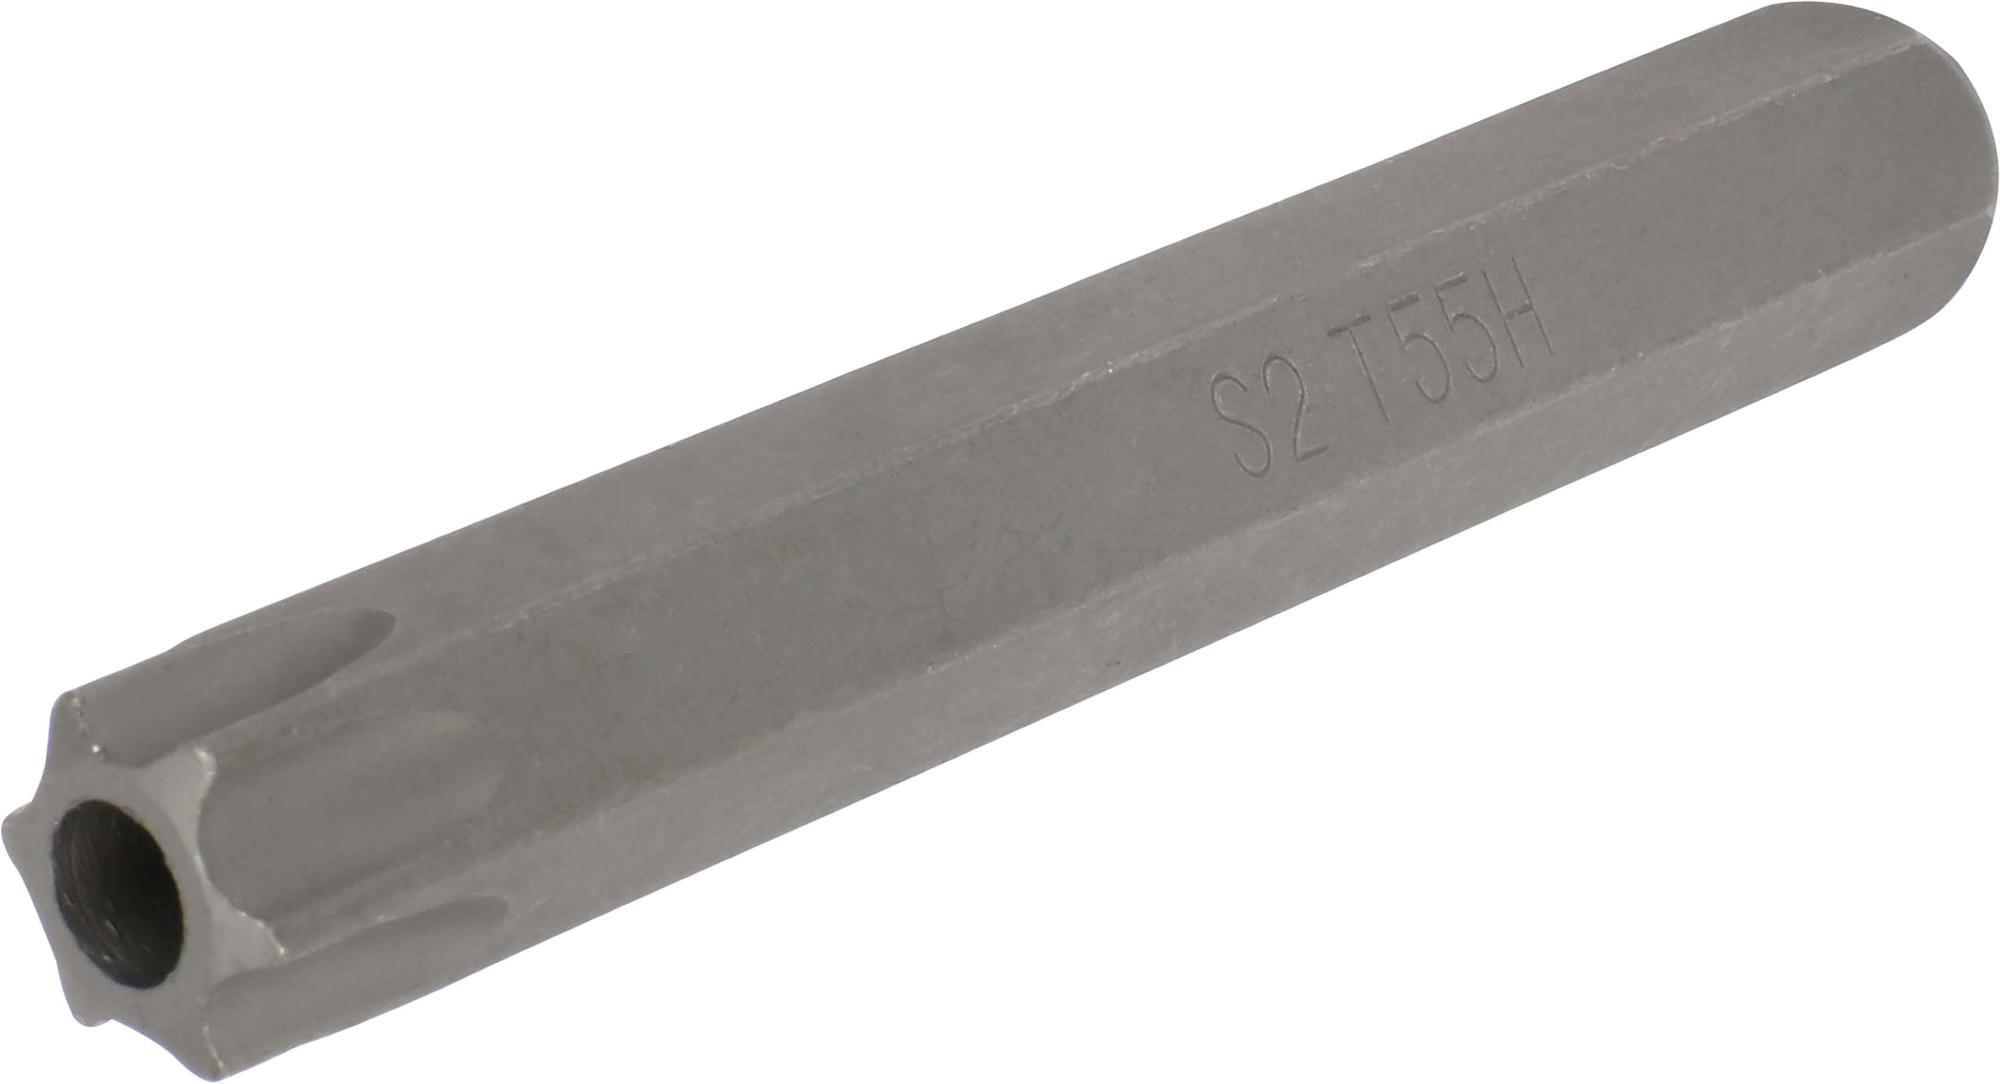 Bit, 10 mm 6-hran, TORX SLB T55x75 mm